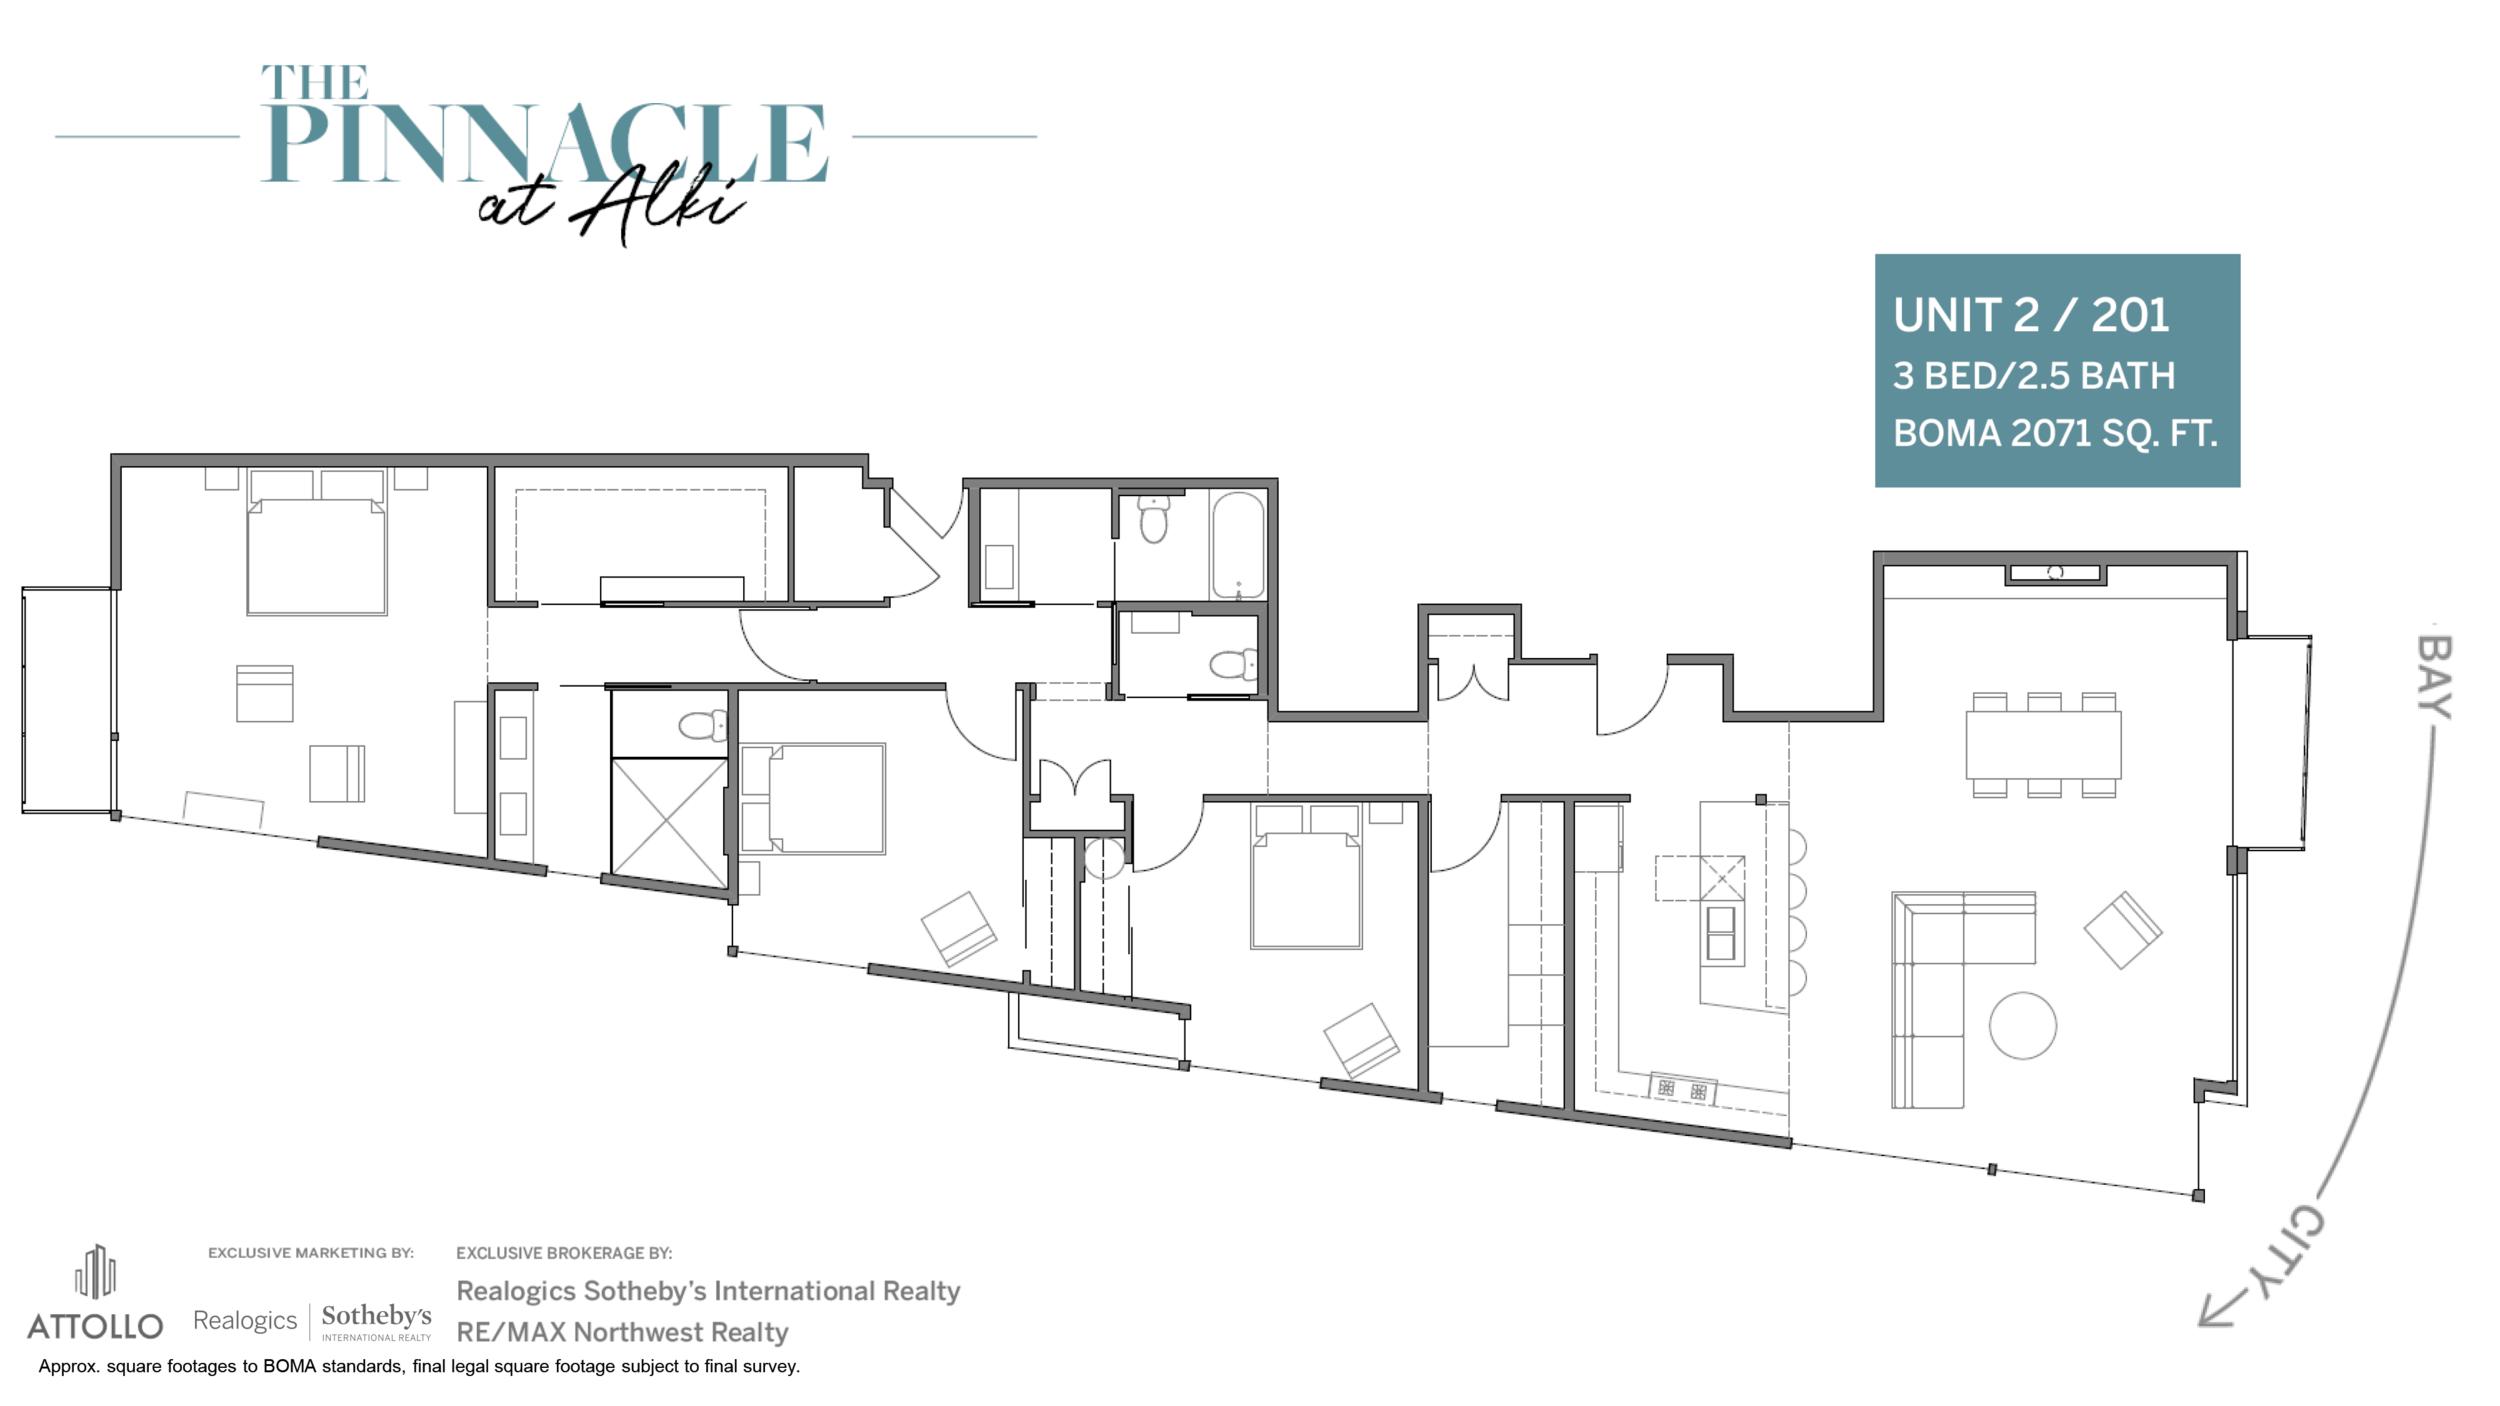 Pinnacle Floor Plan Unit 2 - 201.png